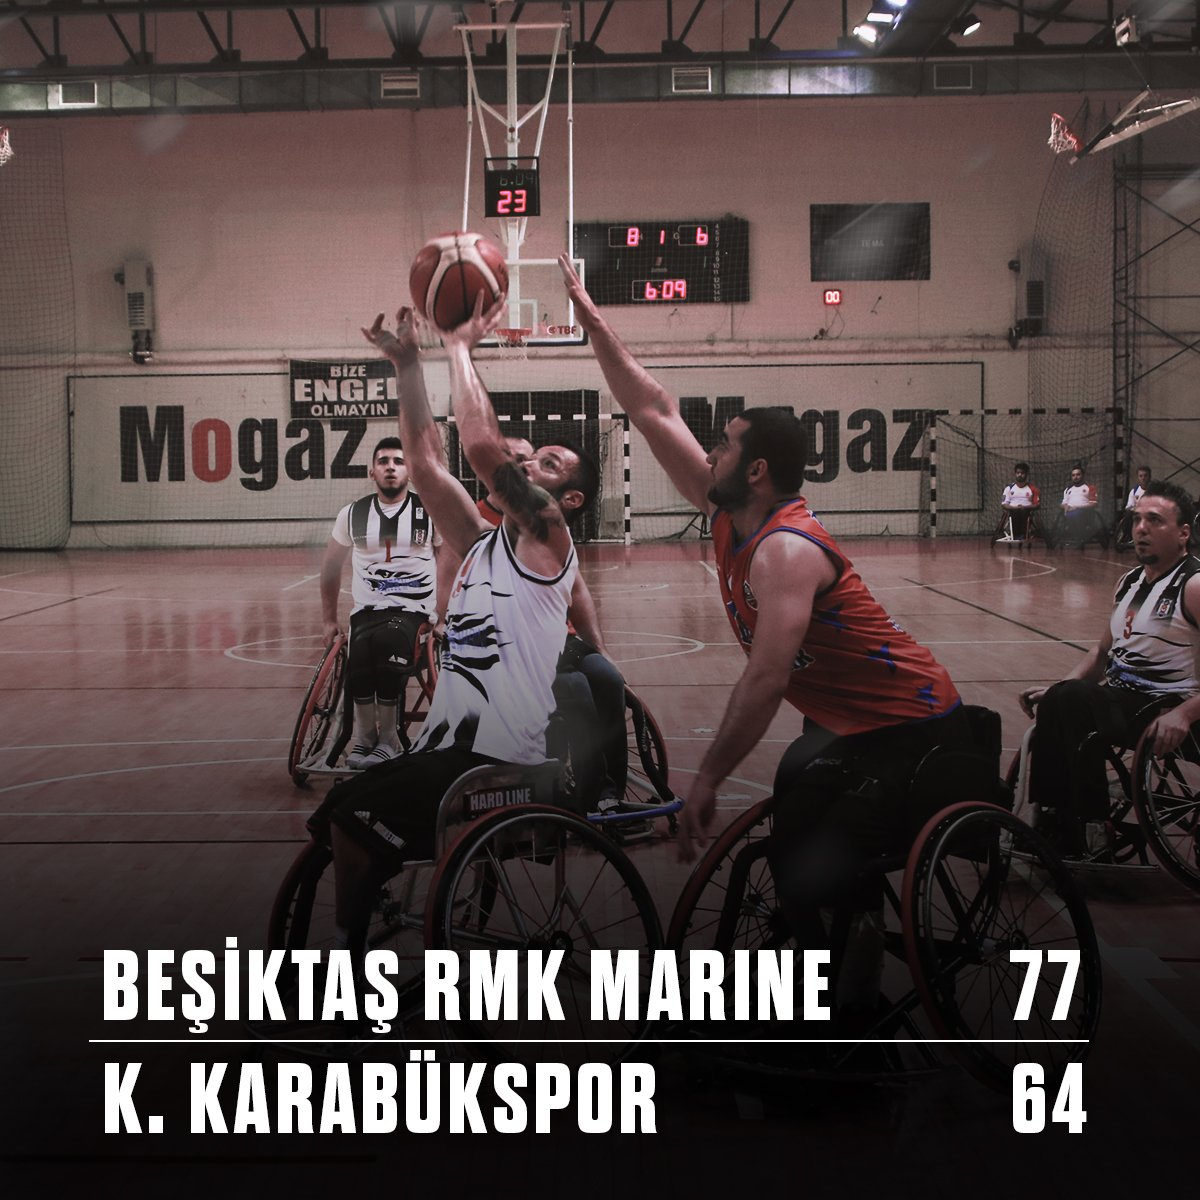 #BeşiktaşRMKMarine Süper Lig\'in ilk haftasında K. Karabükspor\'u 77-64 yendi. Tebrikler #EngelsizKartallar #Beşiktaş